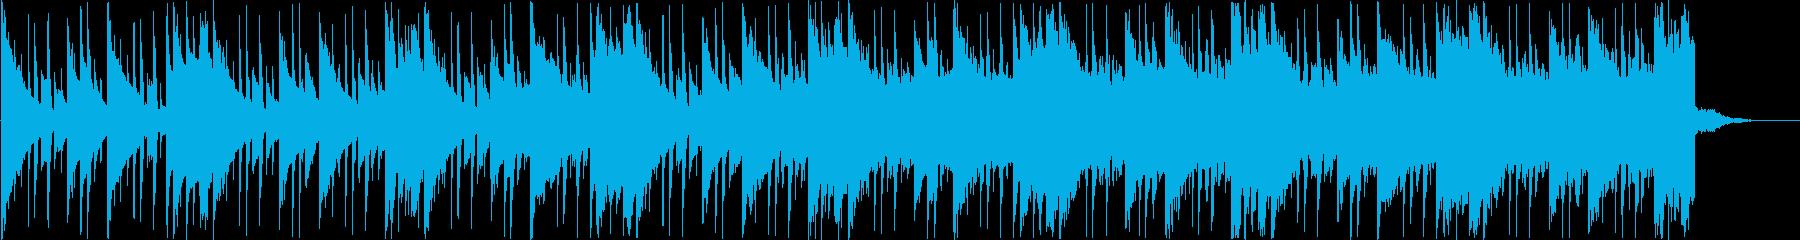 切ないR&B ジングル BGM の再生済みの波形